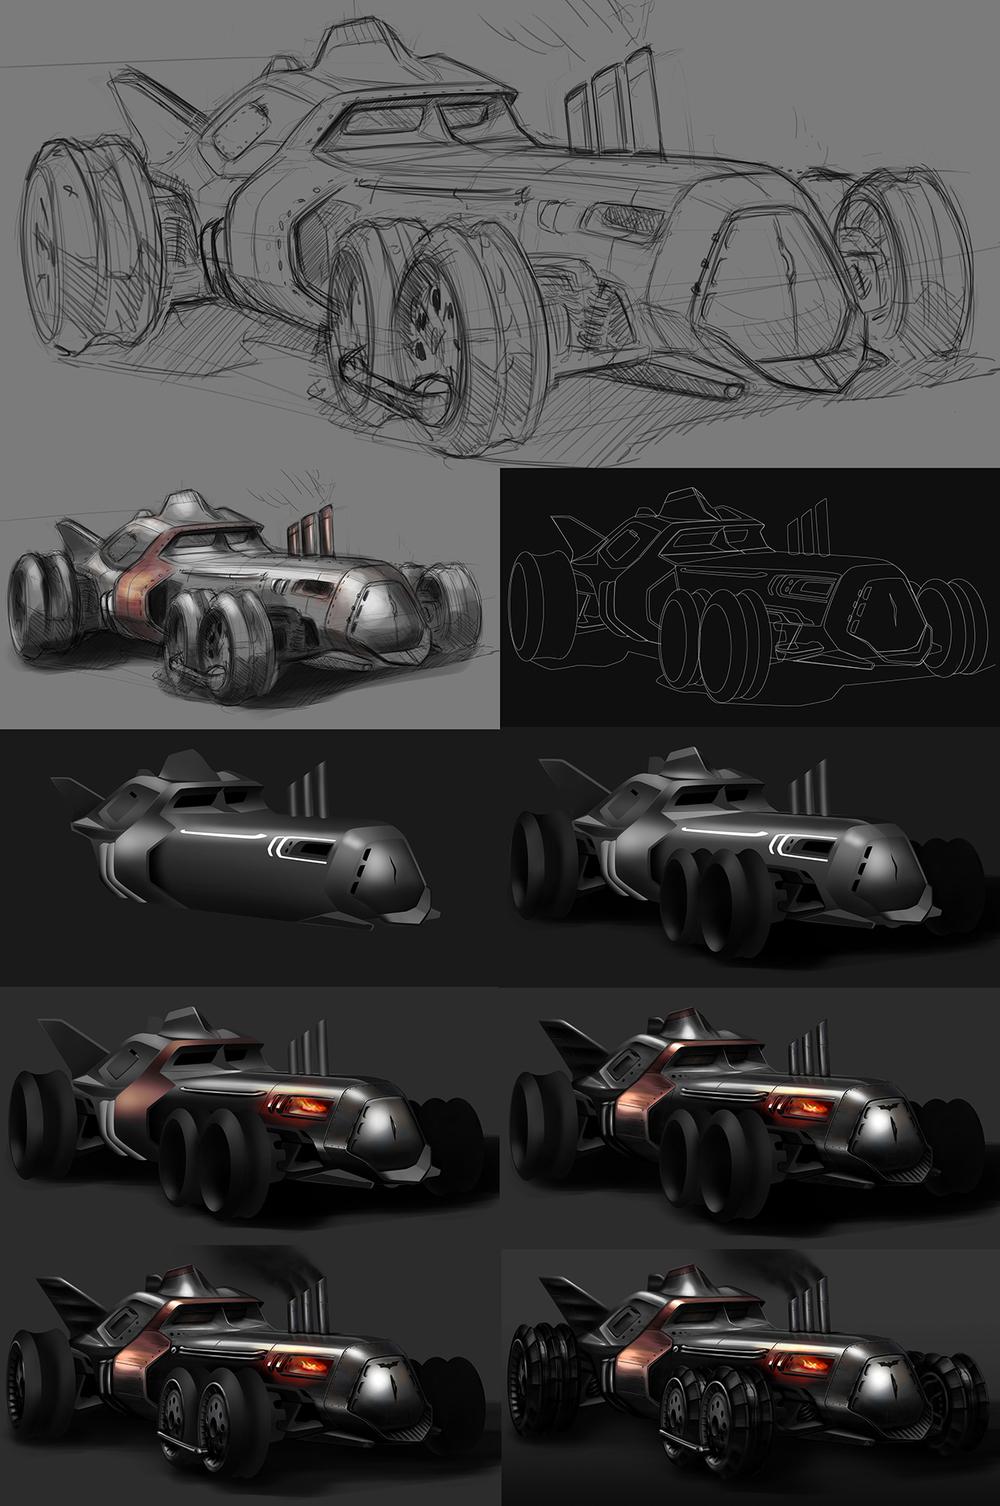 steampunk-inspired-batmobile-fan-art4